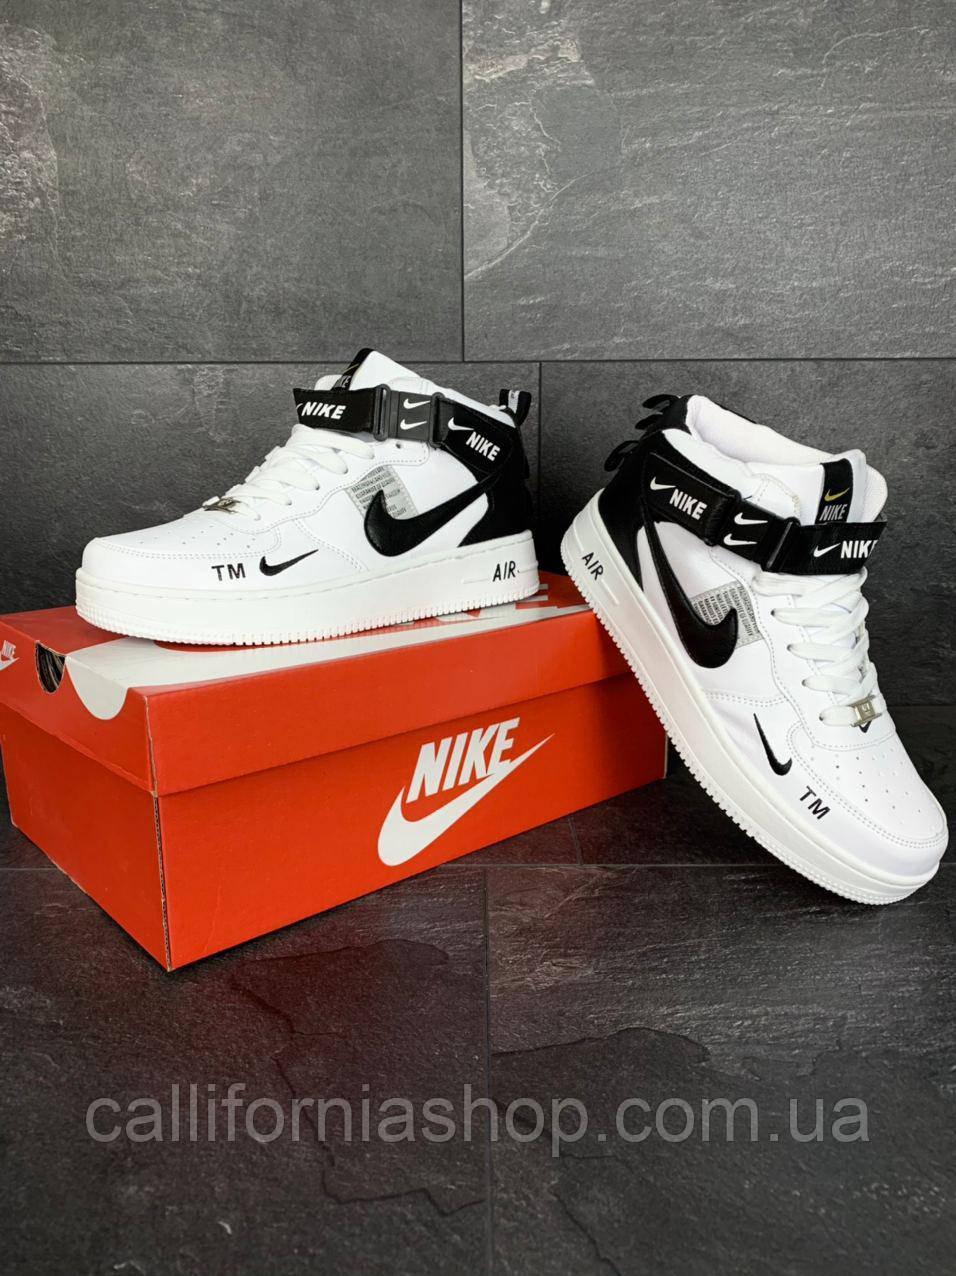 Мужские кроссовки Nike Air Force 1 Найк Аир Форс высокие цвет белый с черным кожаные демисезонные